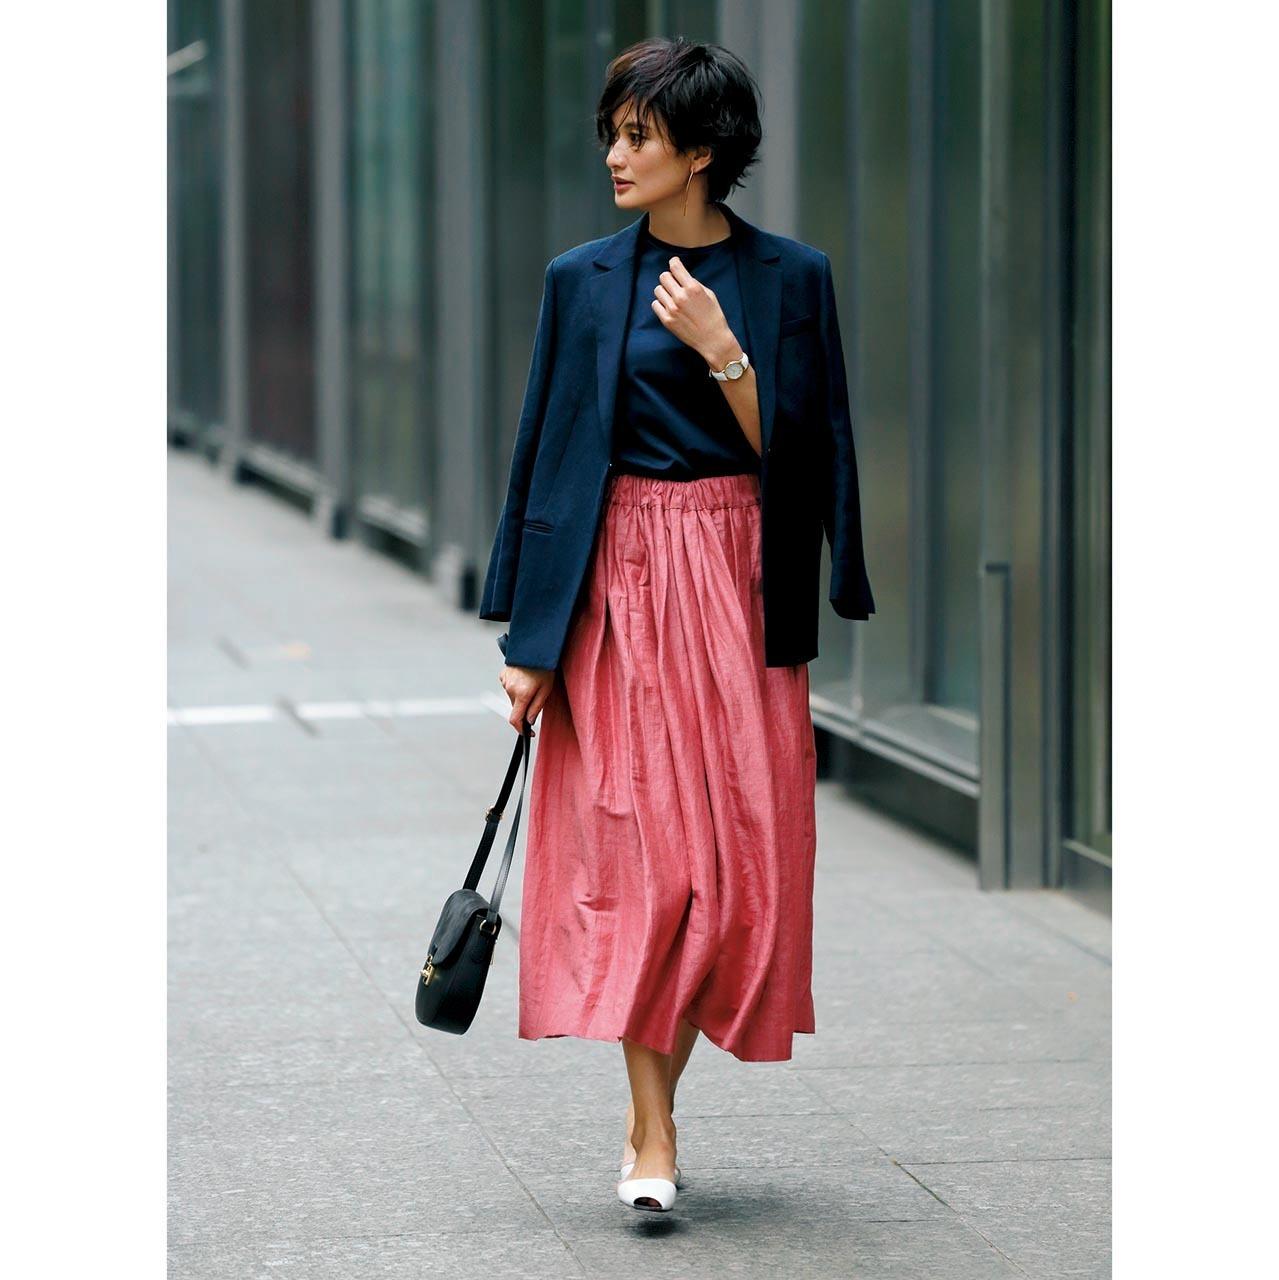 ジャケット×きれい色スカートに白い靴をセレクト